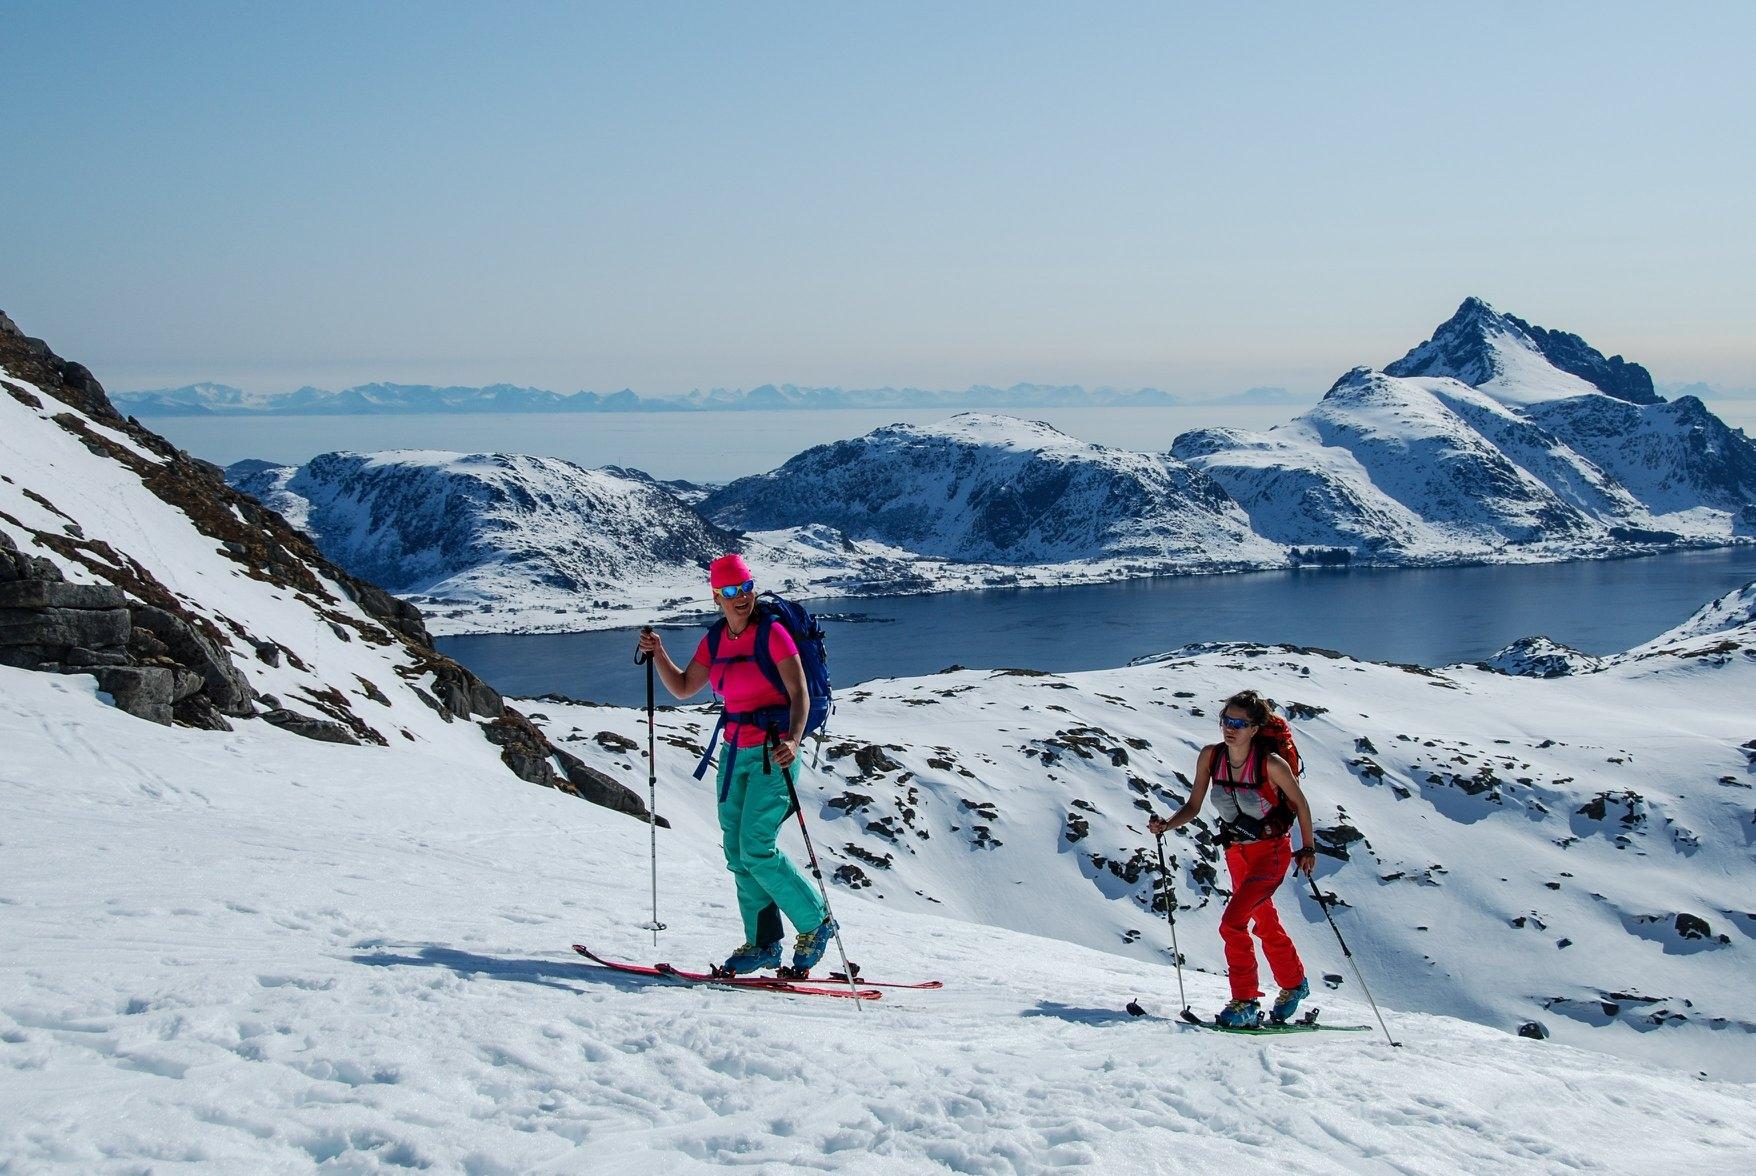 Zuzka ski 3